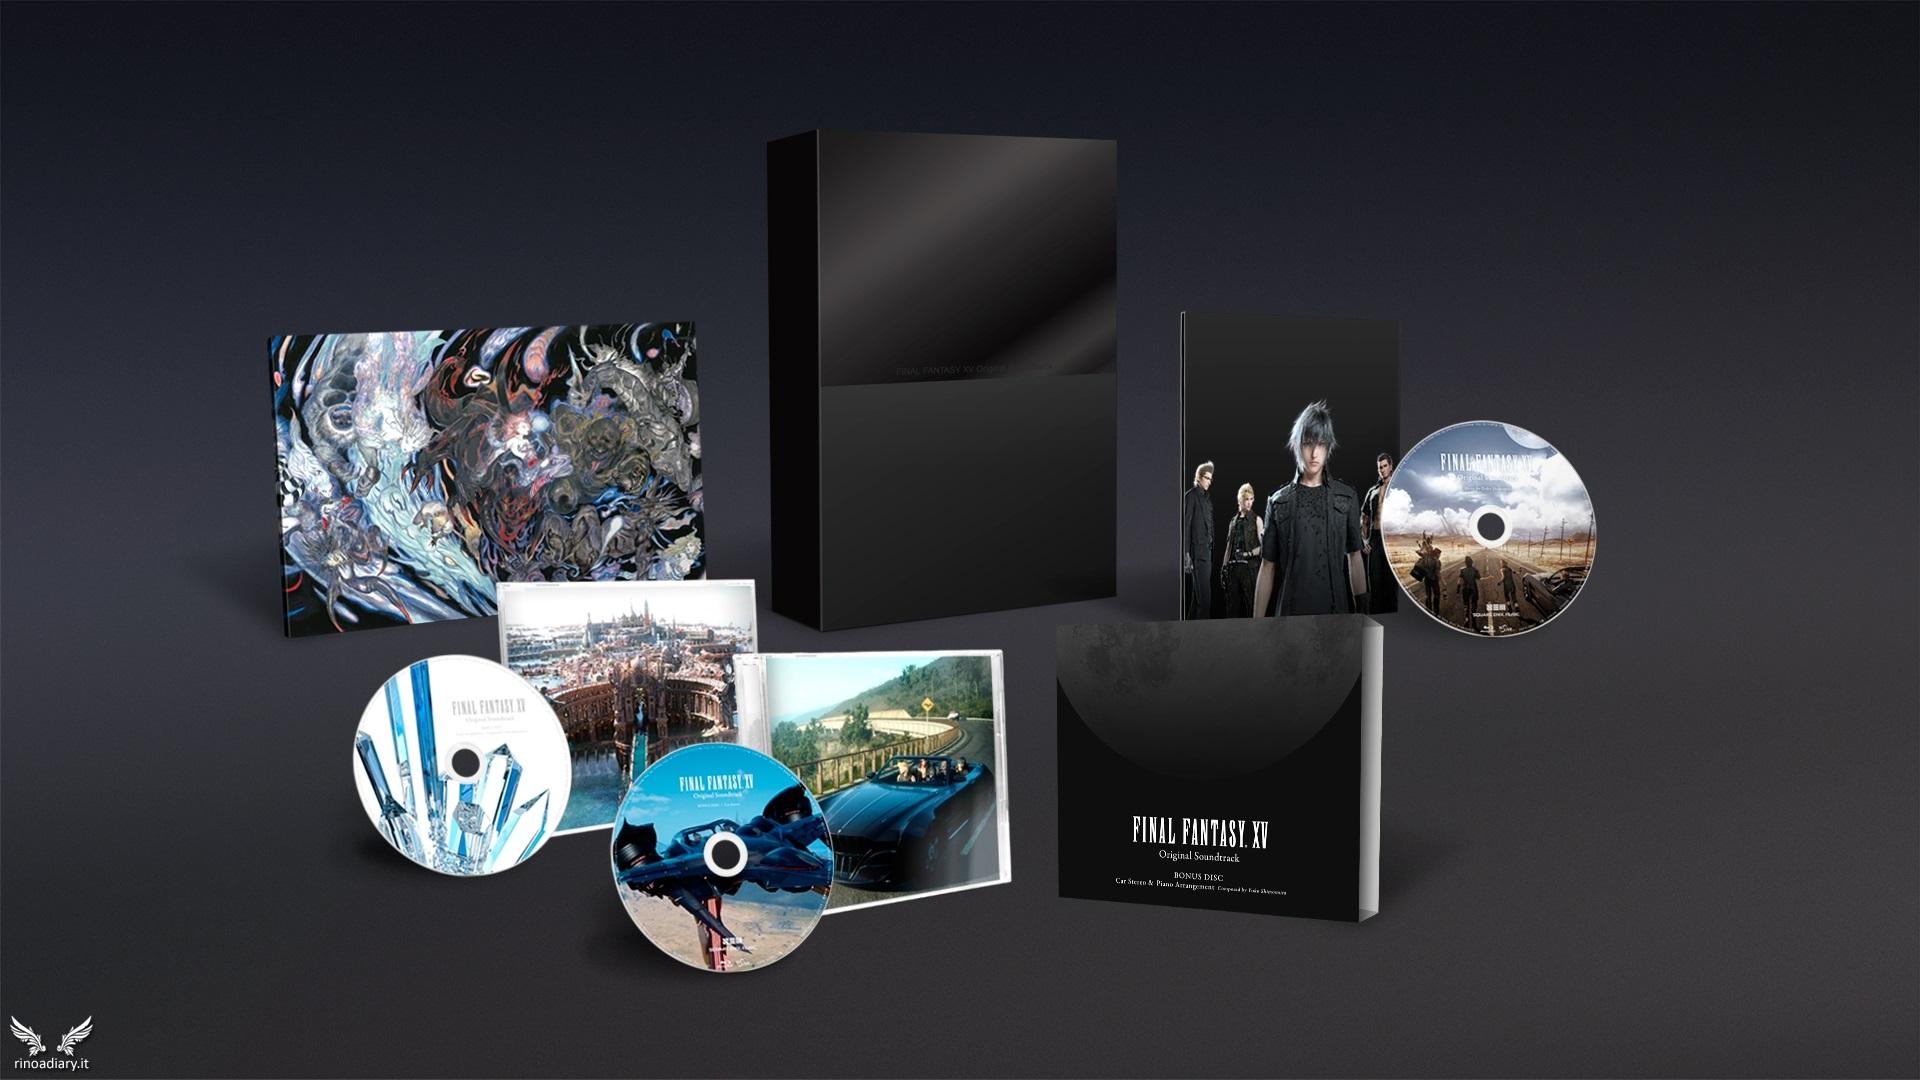 Sullo Store europeo arriva Final Fantasy XV OST Limited Edition!